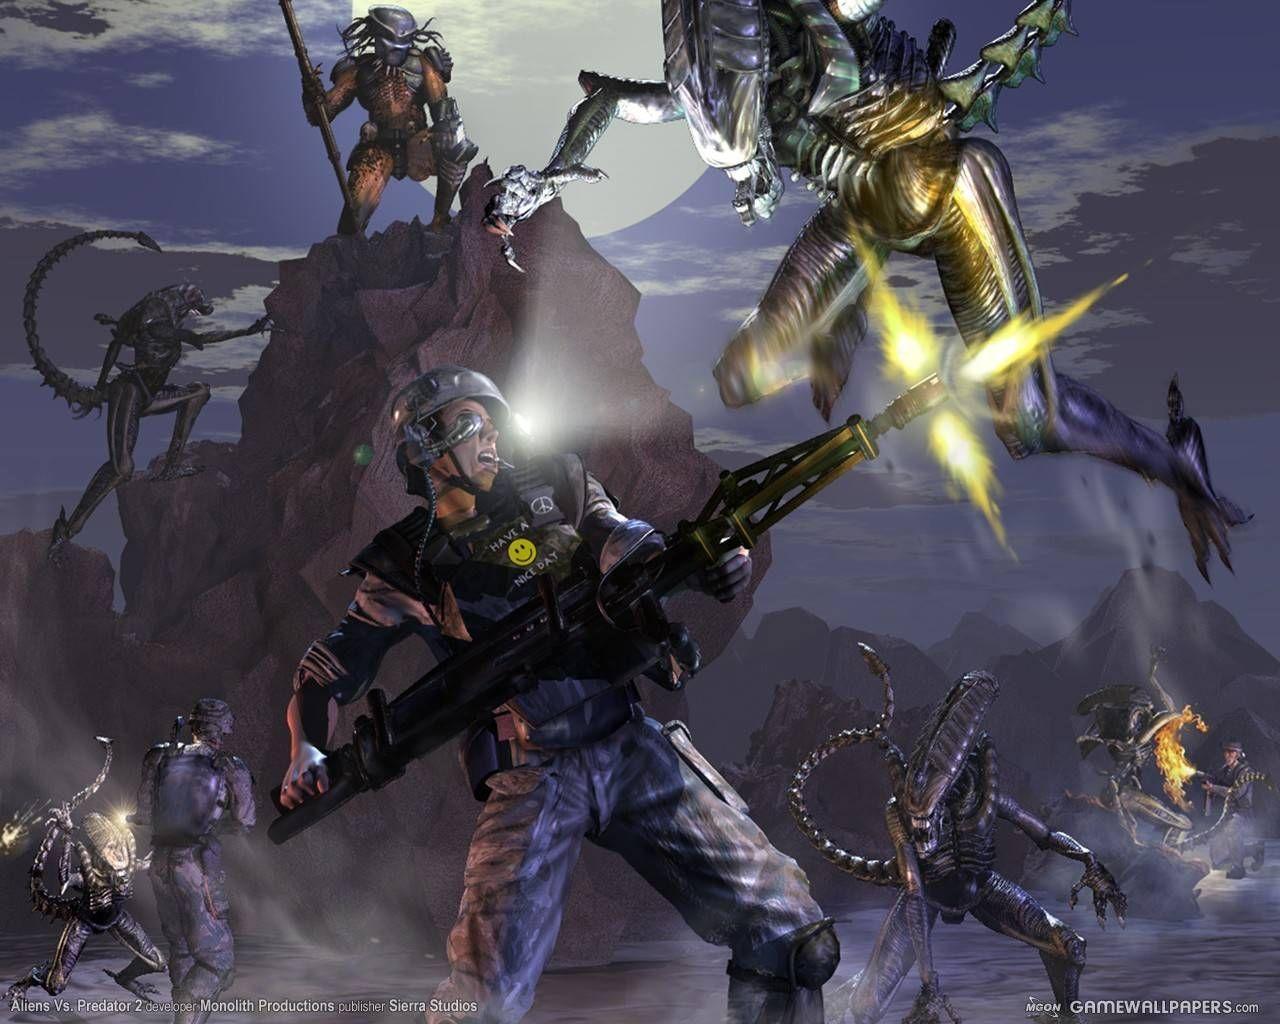 Alien Vs Predator 4